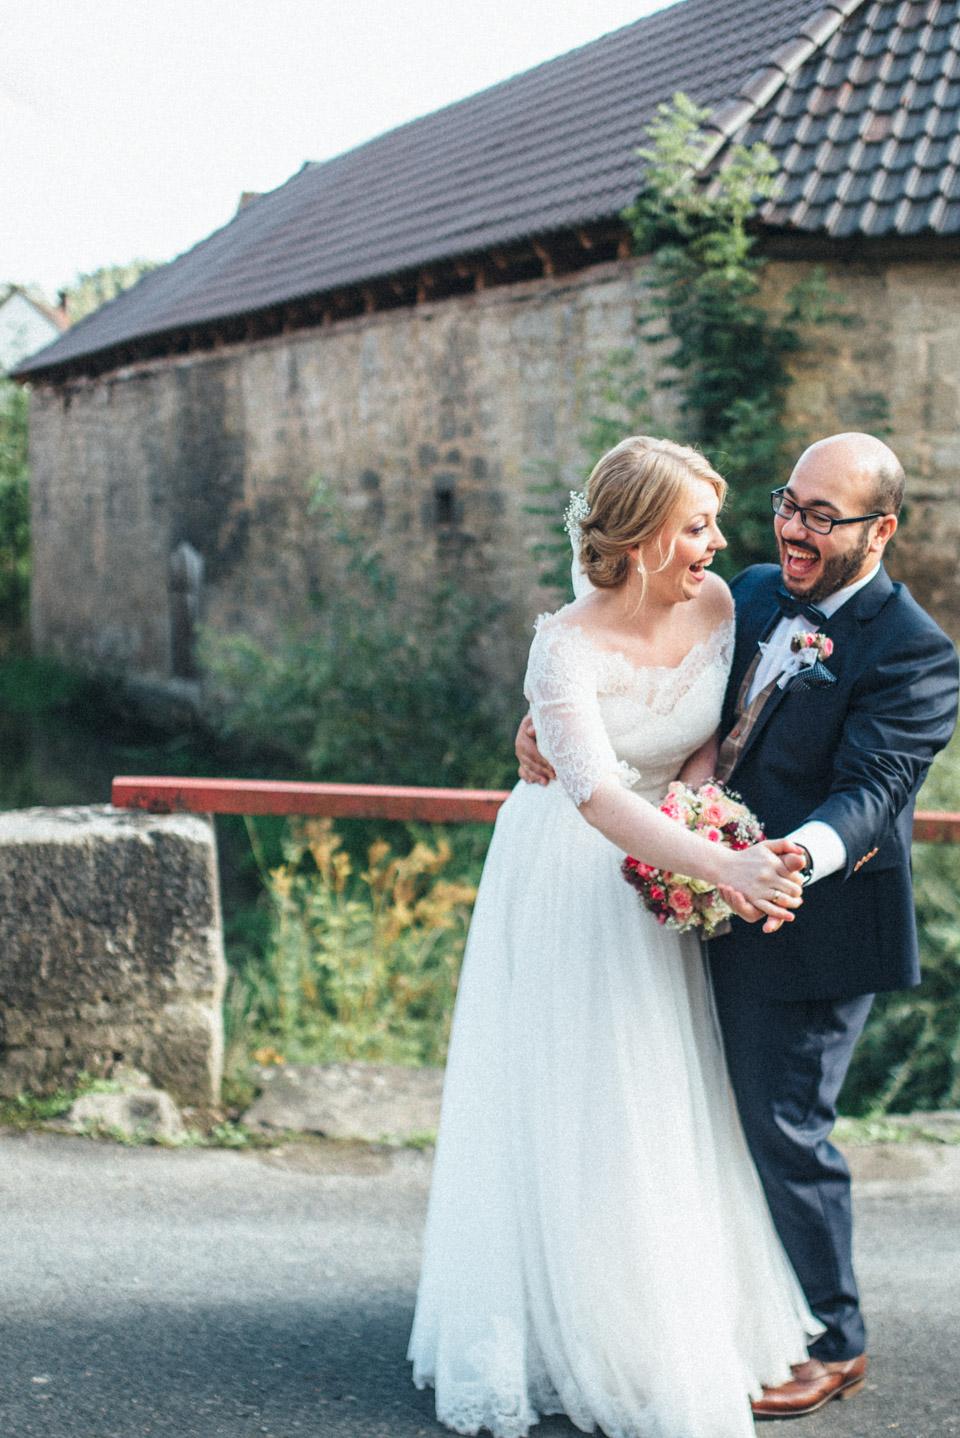 diy-wedding-bayern-157 Isabell & Tomaj Vintage DIY Hochzeit in Bayerndiy wedding bayern 157